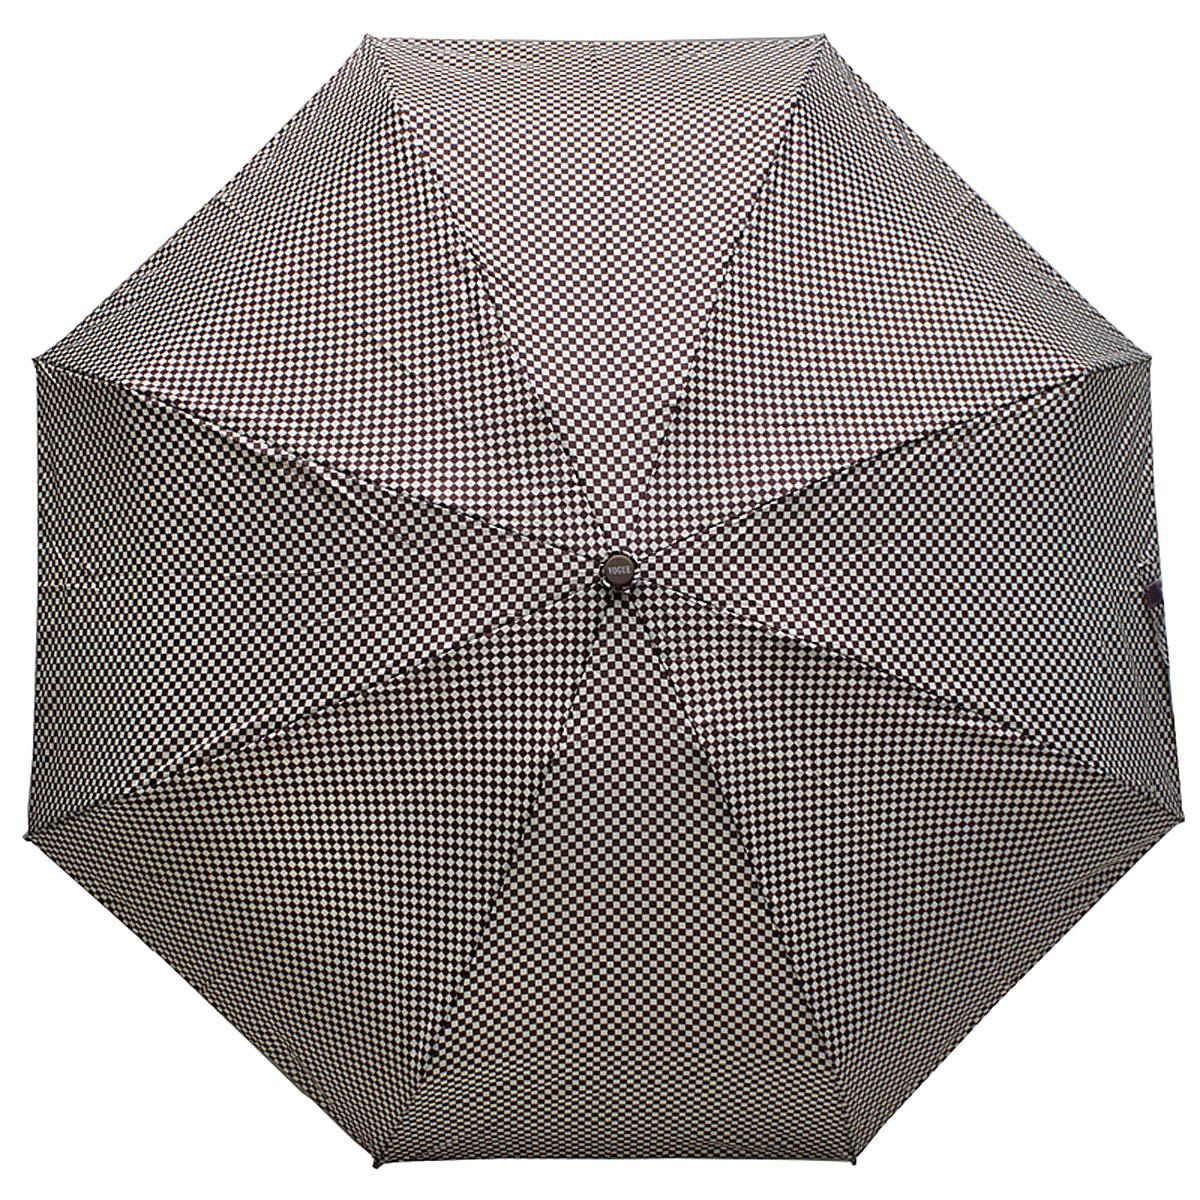 Зонт женский Vogue, цвет: коричневый, белый. 345V-3 цена и фото